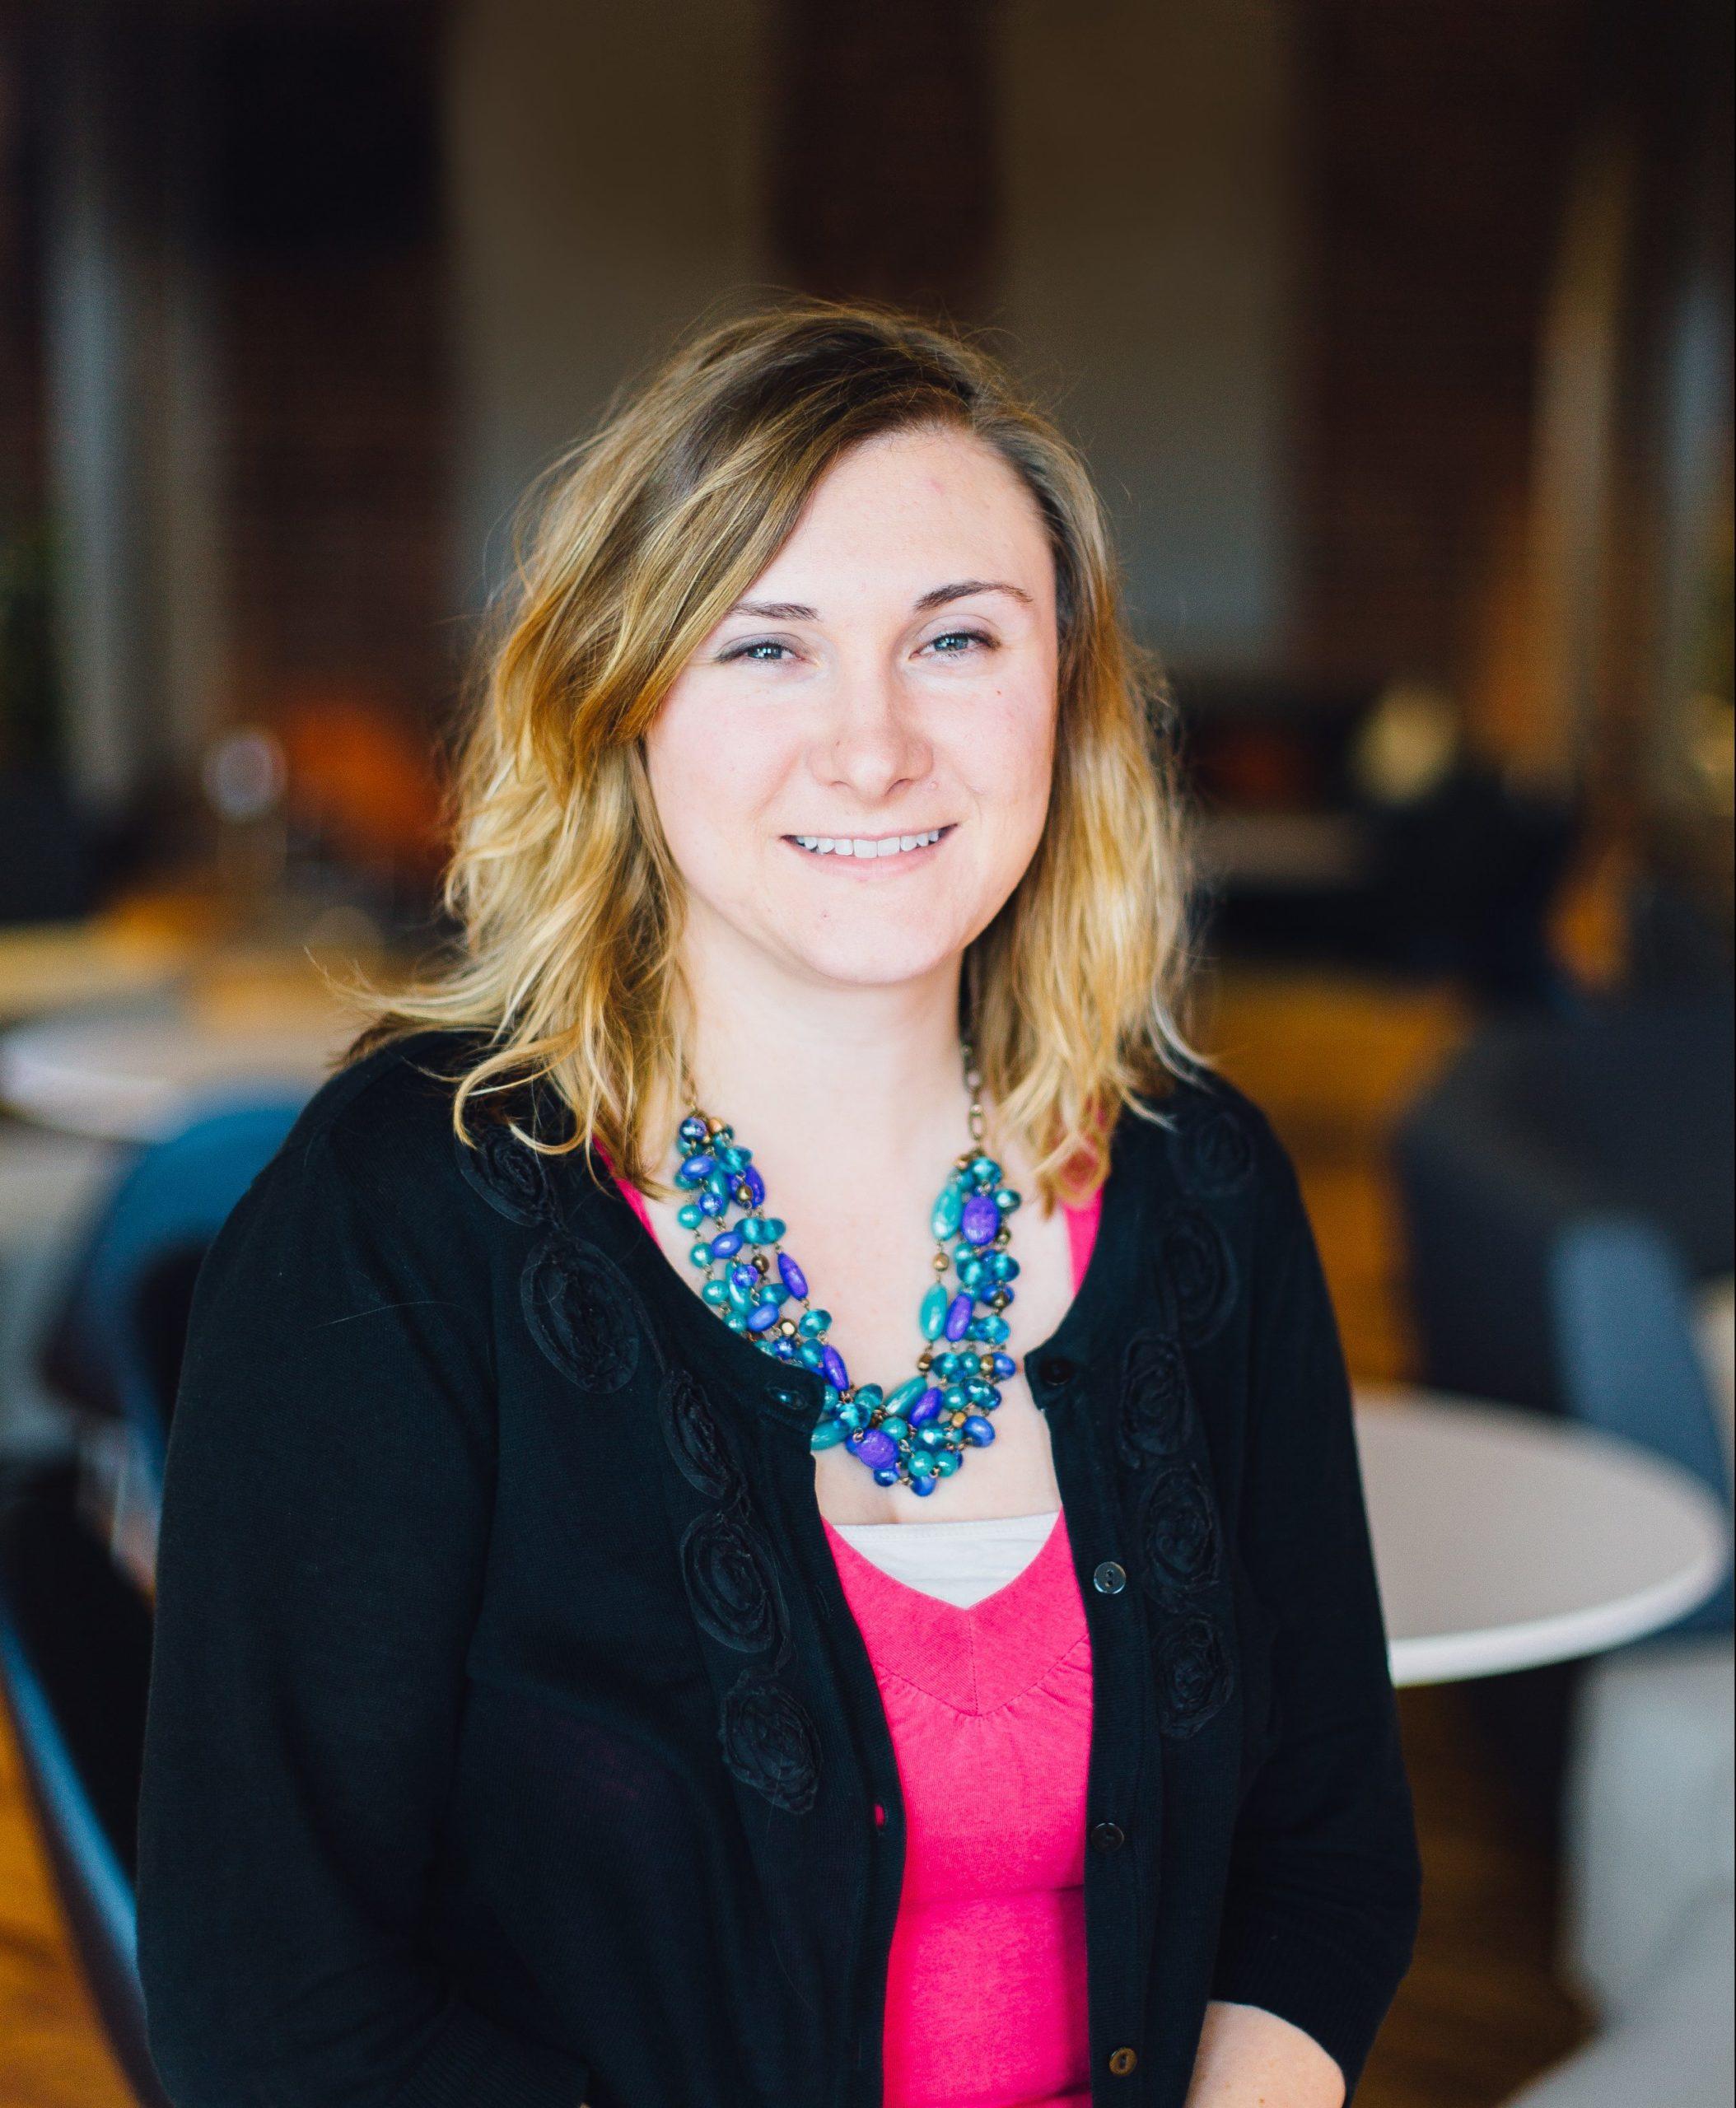 Megan Kelly Davenport headshot